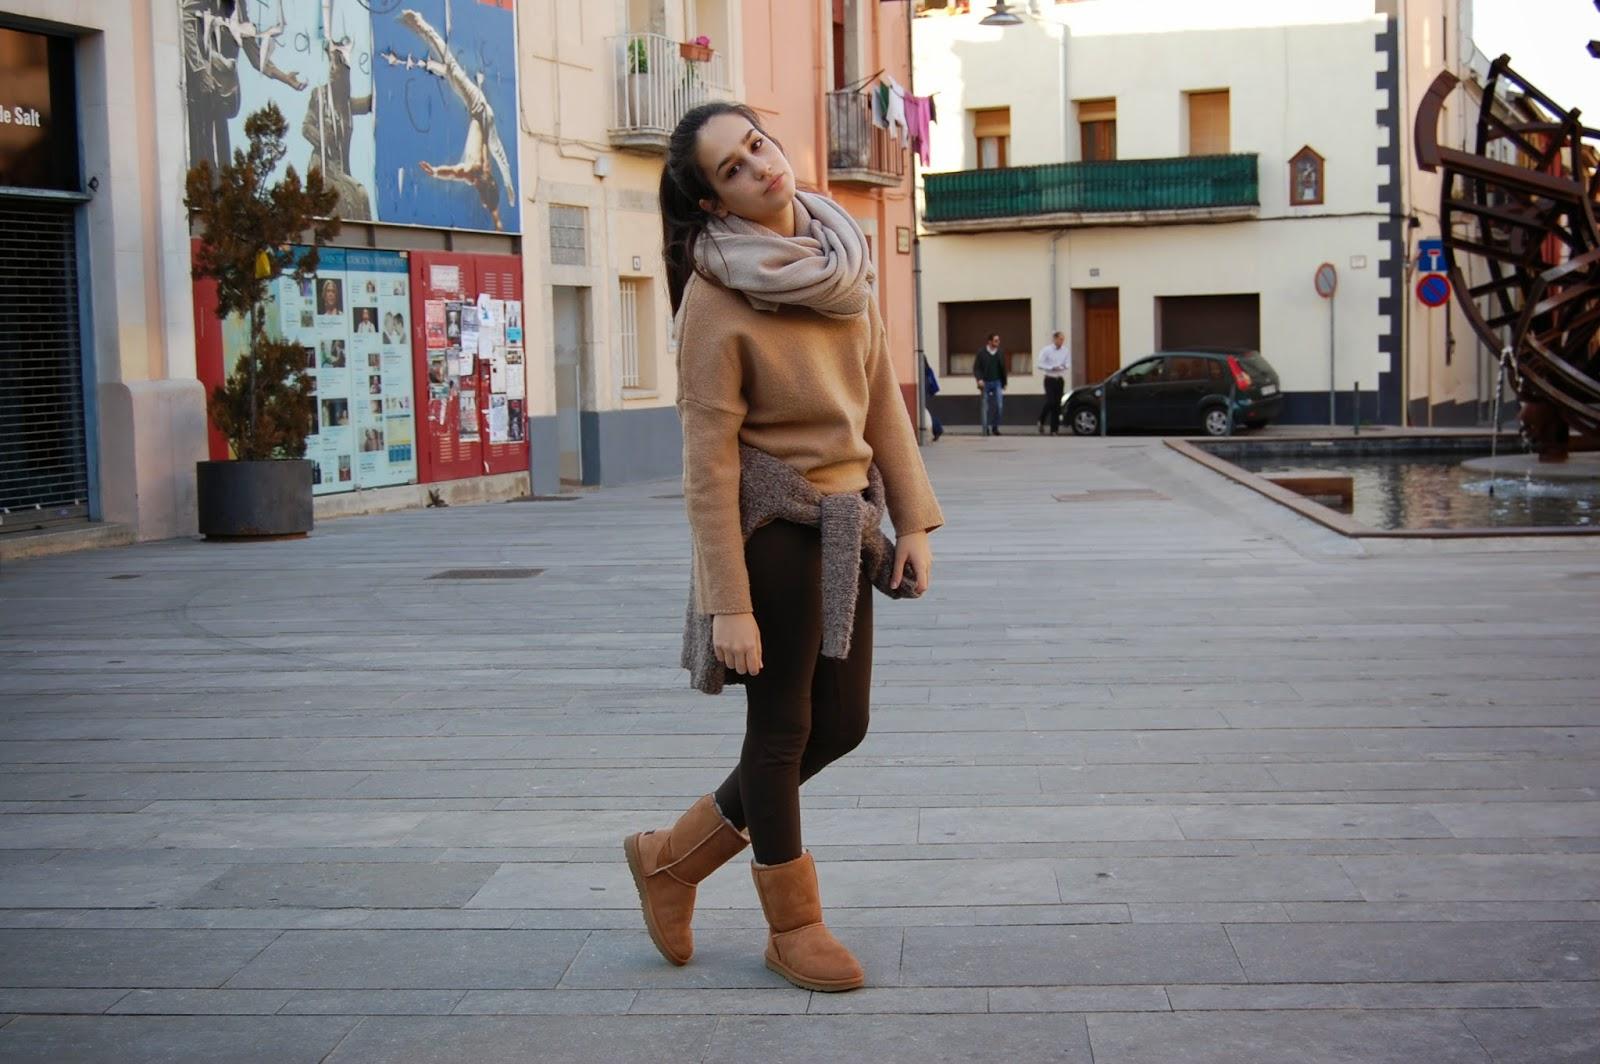 abrigo verde zara, jersey camel zara, leggins verde zara, botas camel ugg, bufanda beige, bolso beige bimba&lola